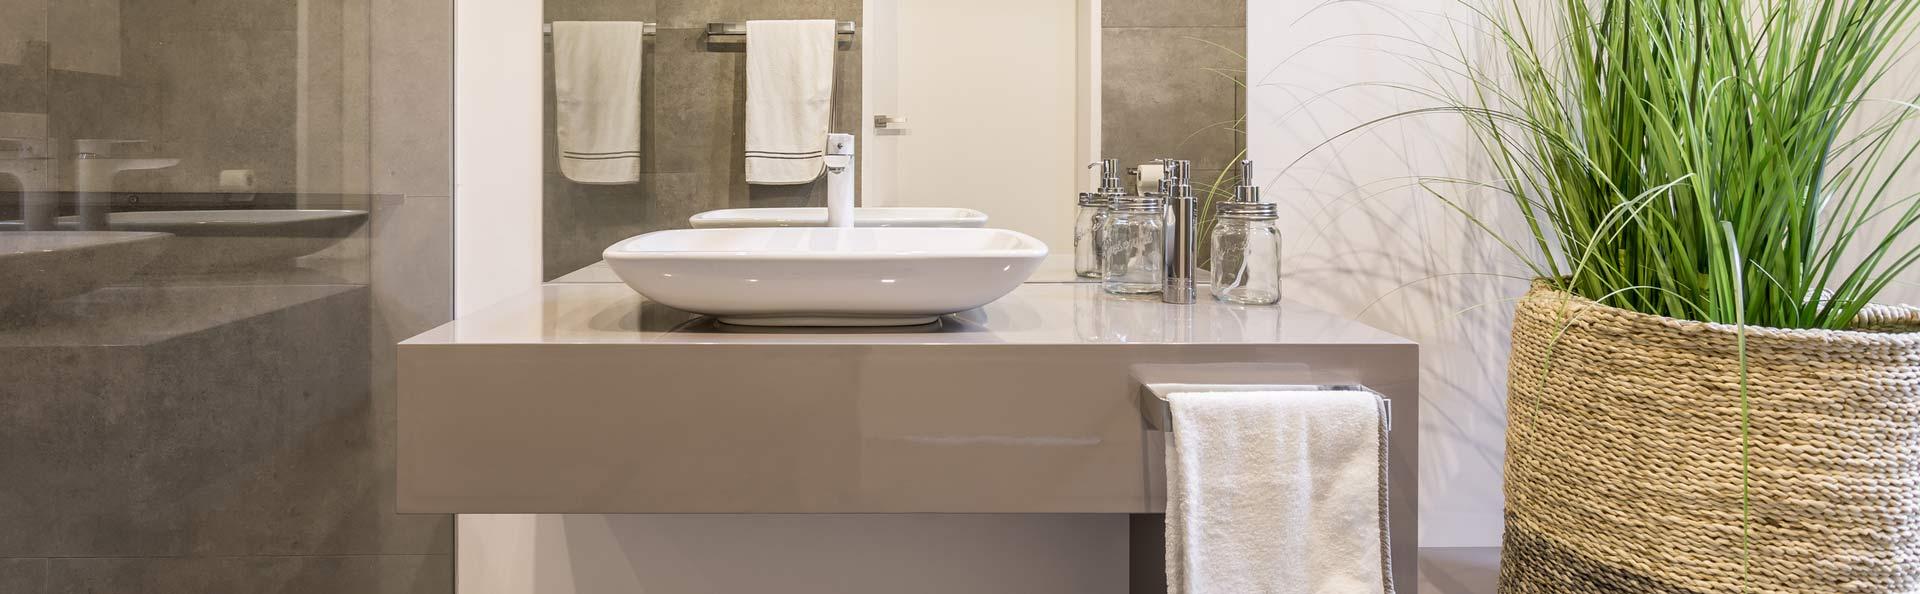 Saneamientos Pozuelo, cuidando de usted desde 1974